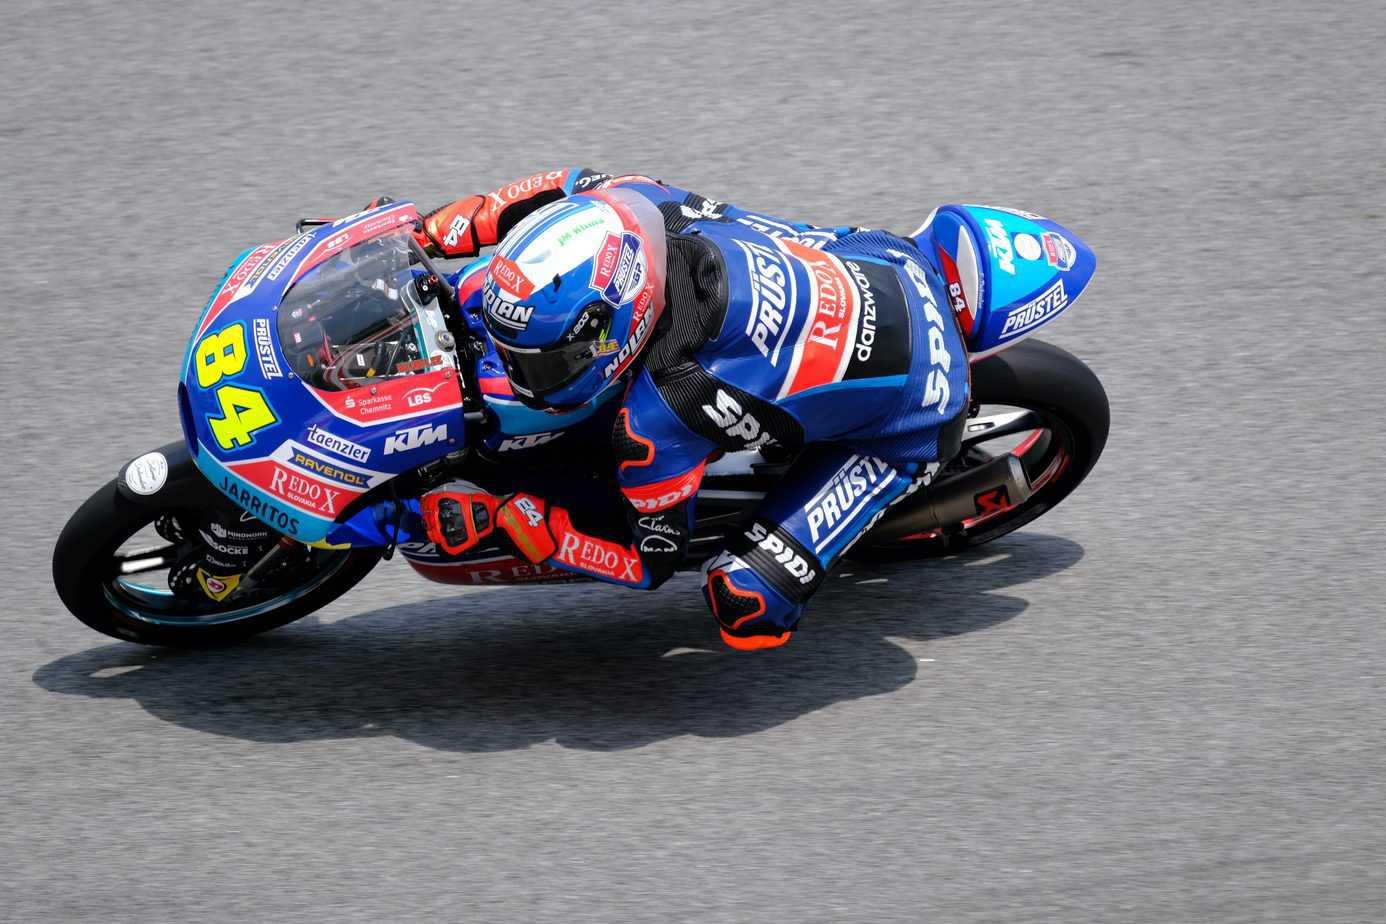 MotoGP. Danilo Petrucci zwycięski w Grand Prix Francji